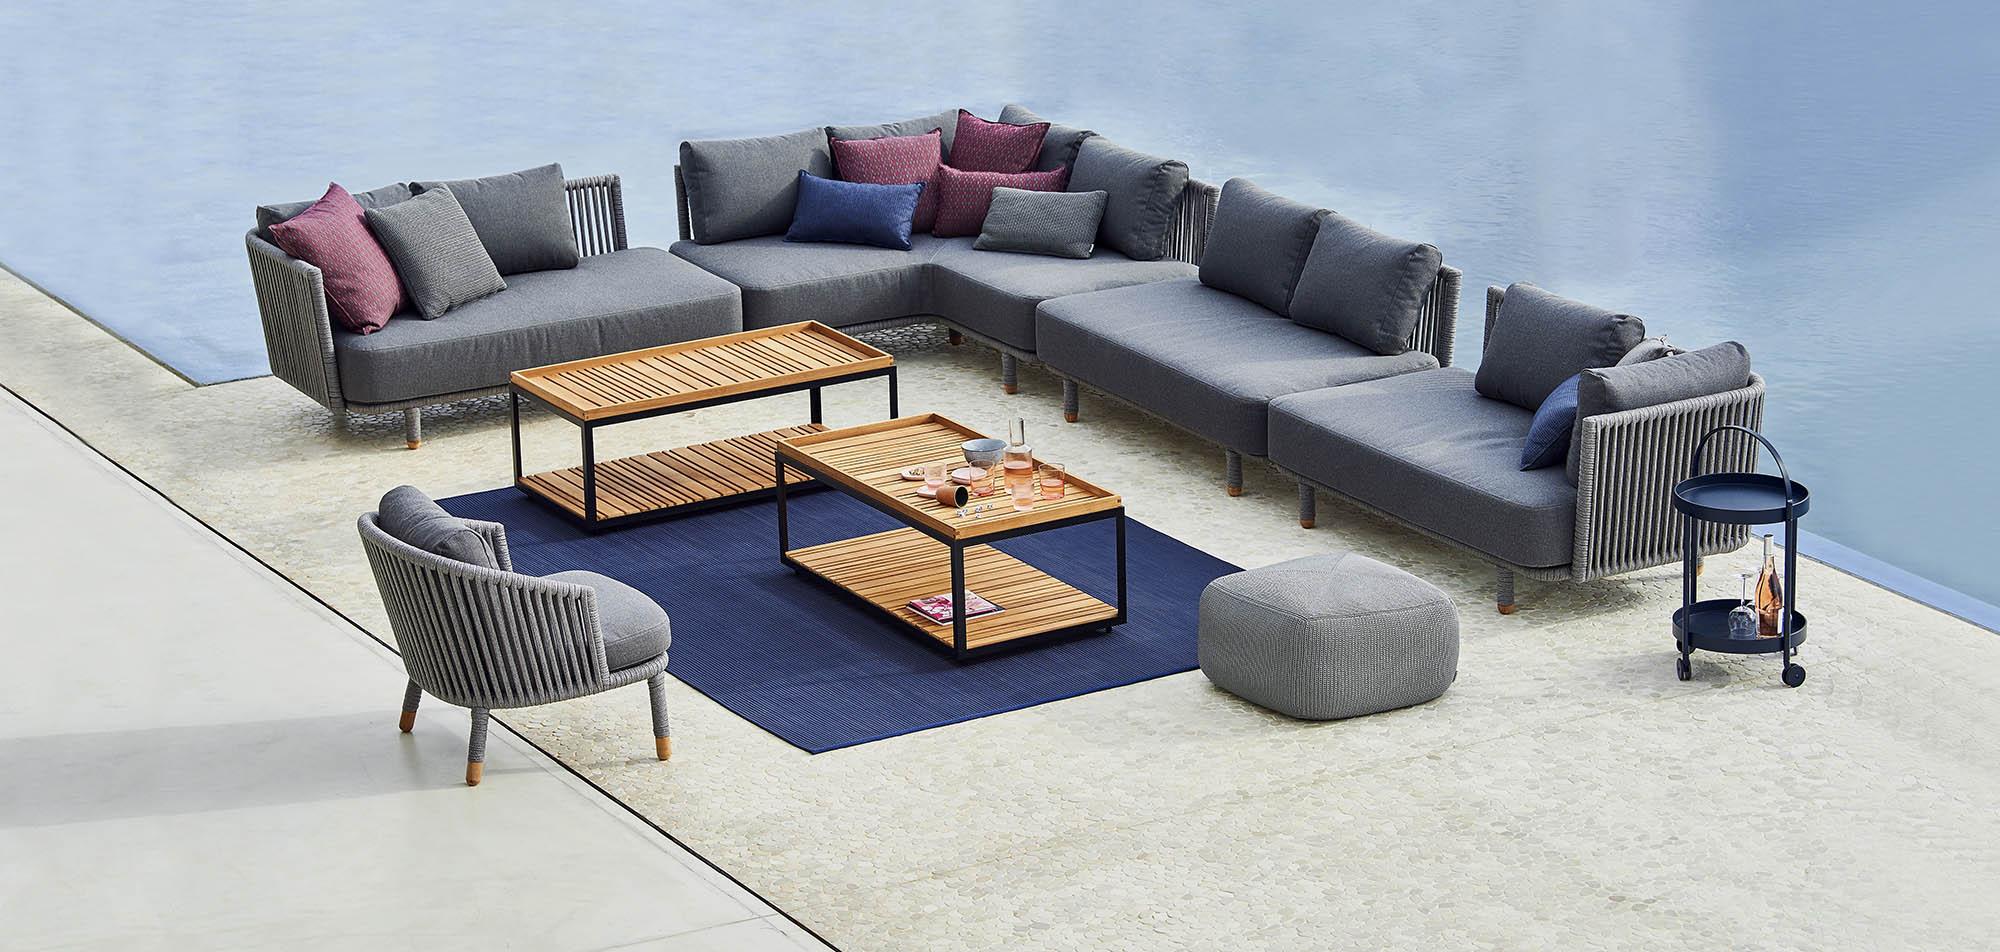 Miljöbild av Moments soffa med Levels soffbord.